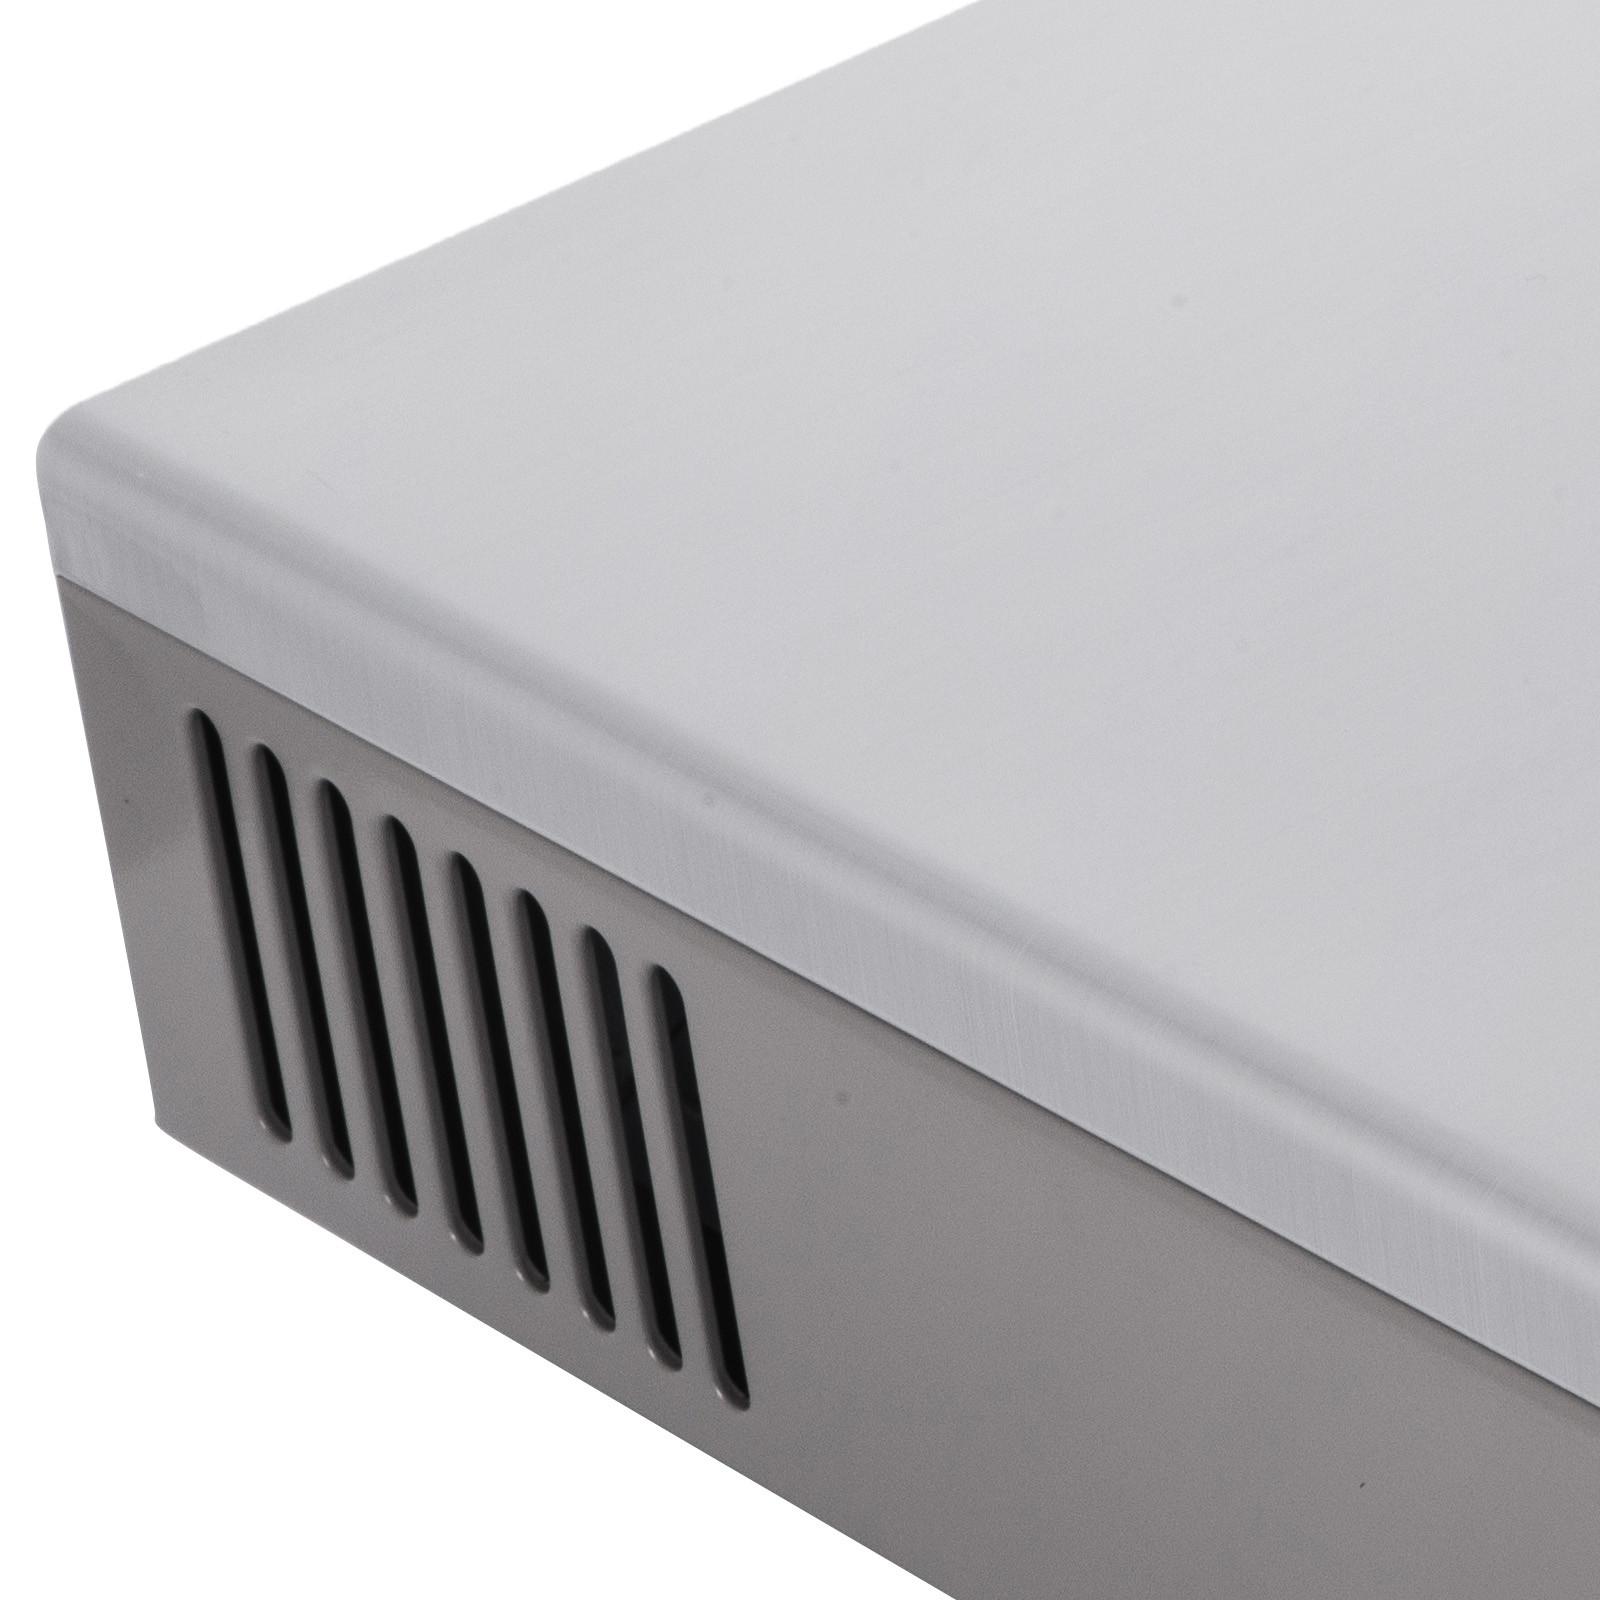 Propangas-Gas-Durchlauferhitzer-Warmwasserbereiter-Boiler-Warmwasserspeicher Indexbild 70